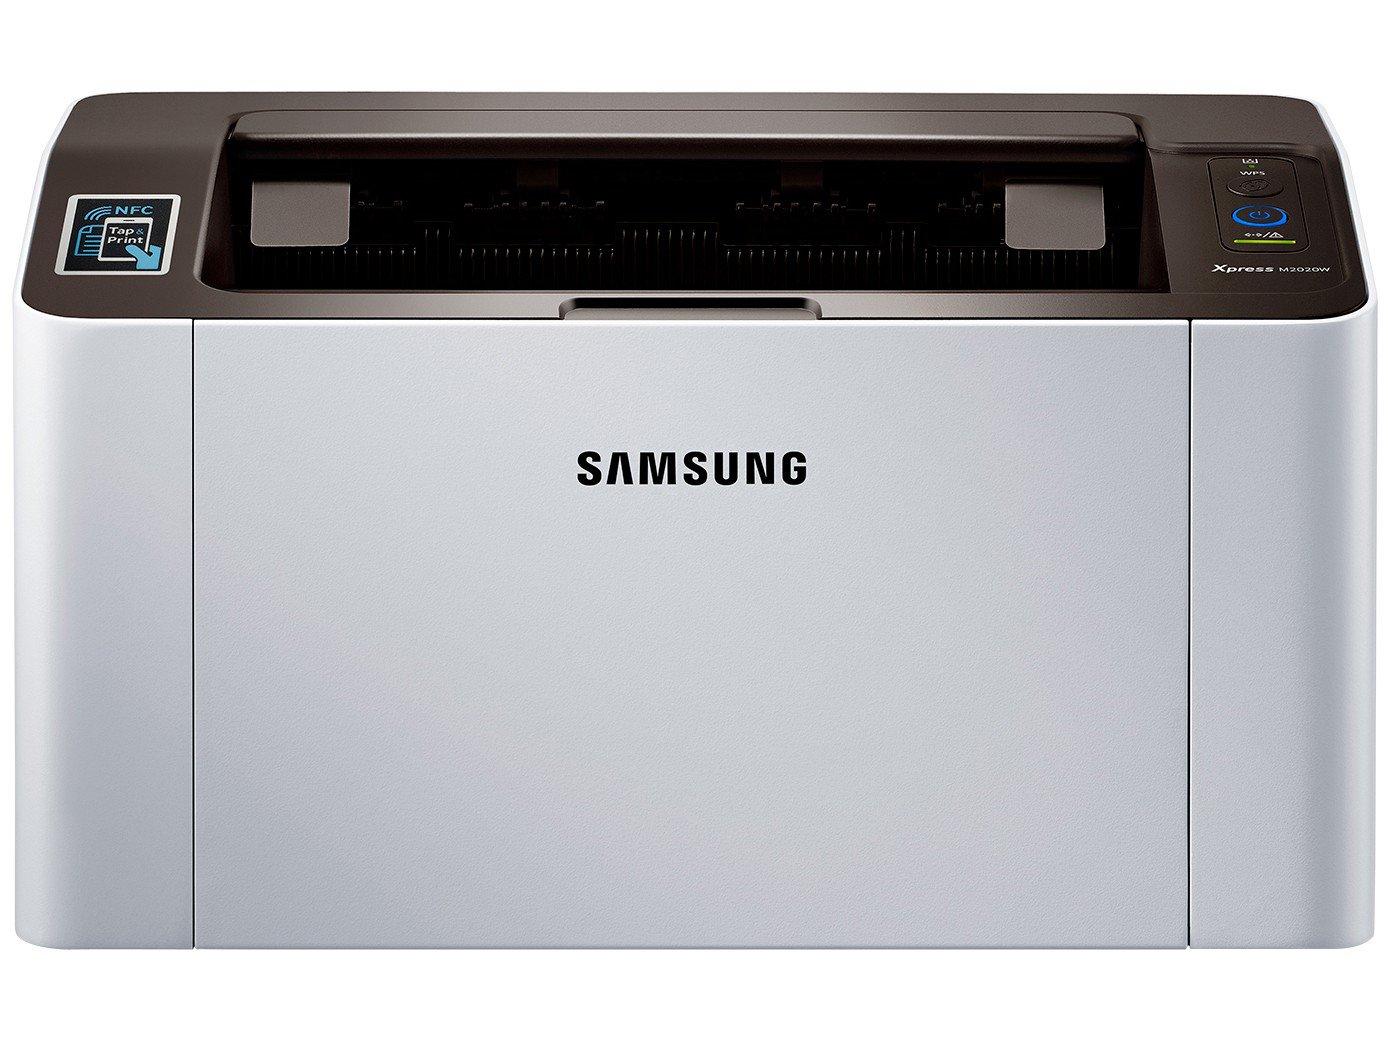 Foto 3 - Impressora Samsung Xpress SL-M2020W Wi-Fi - Monocromática USB NFC